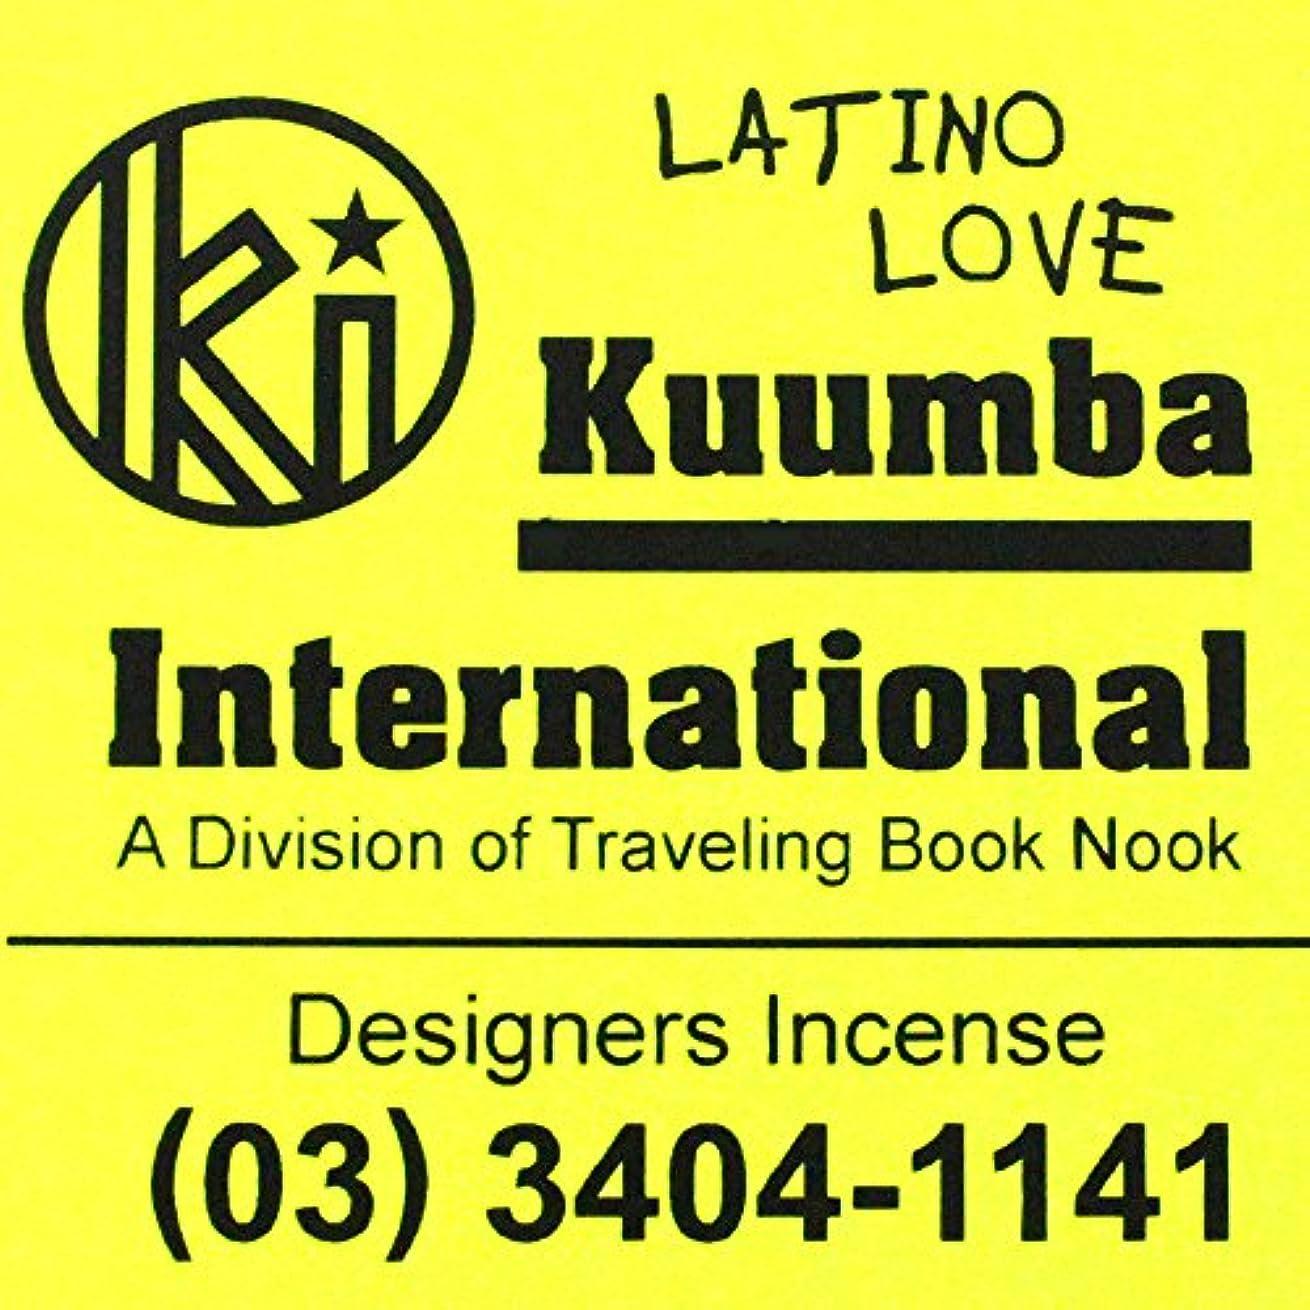 くちばし定数大人(クンバ) KUUMBA『incense』(LATINO LOVE) (Regular size)